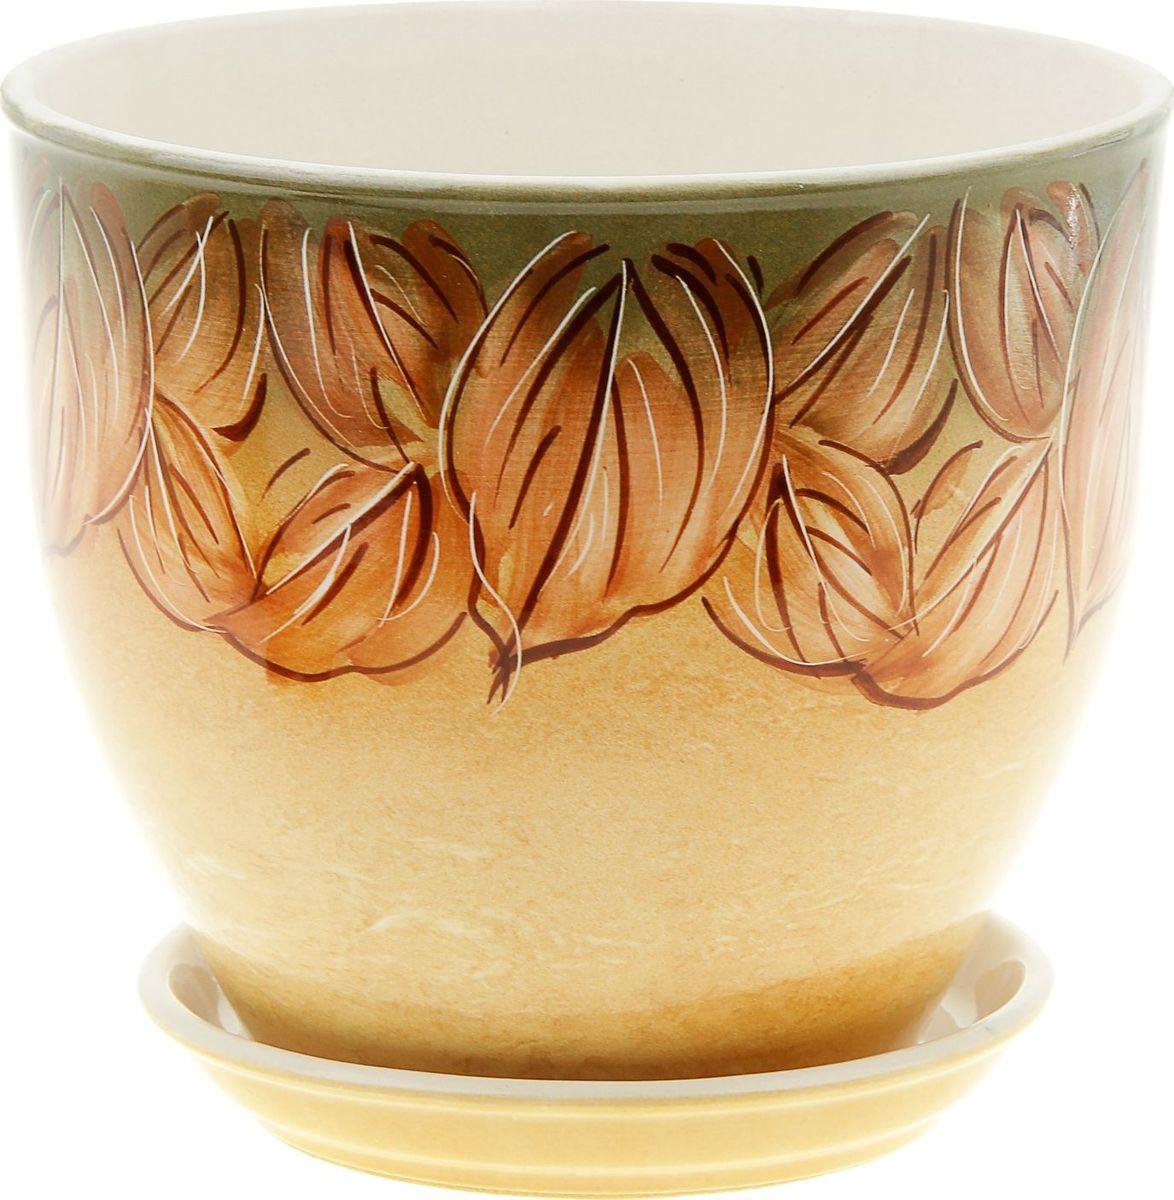 Кашпо Керамика ручной работы Виктор. Листья, 4 л835558Комнатные растения — всеобщие любимцы. Они радуют глаз, насыщают помещение кислородом и украшают пространство. Каждому из них необходим свой удобный и красивый дом. Кашпо из керамики прекрасно подходят для высадки растений: за счёт пластичности глины и разных способов обработки существует великое множество форм и дизайновпористый материал позволяет испаряться лишней влагевоздух, необходимый для дыхания корней, проникает сквозь керамические стенки! #name# позаботится о зелёном питомце, освежит интерьер и подчеркнёт его стиль.